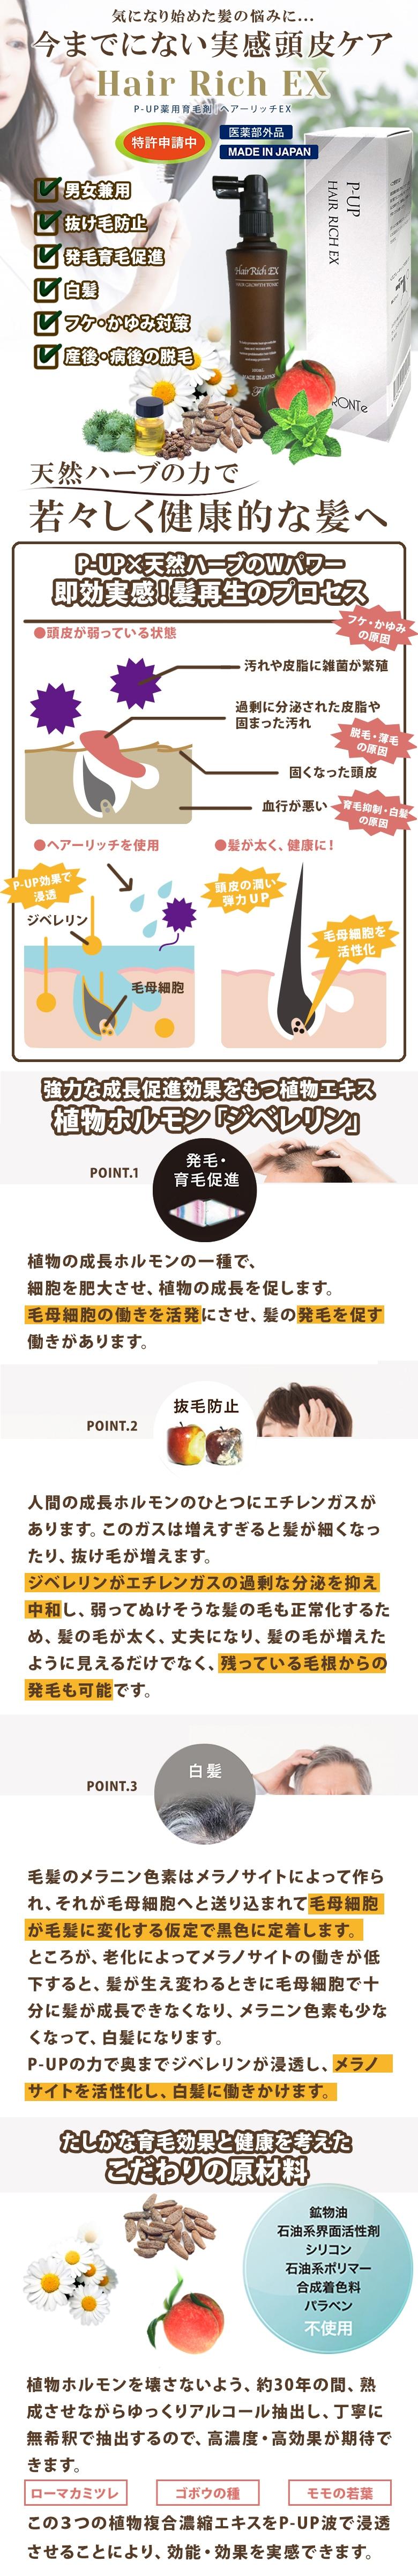 P-UP育毛剤